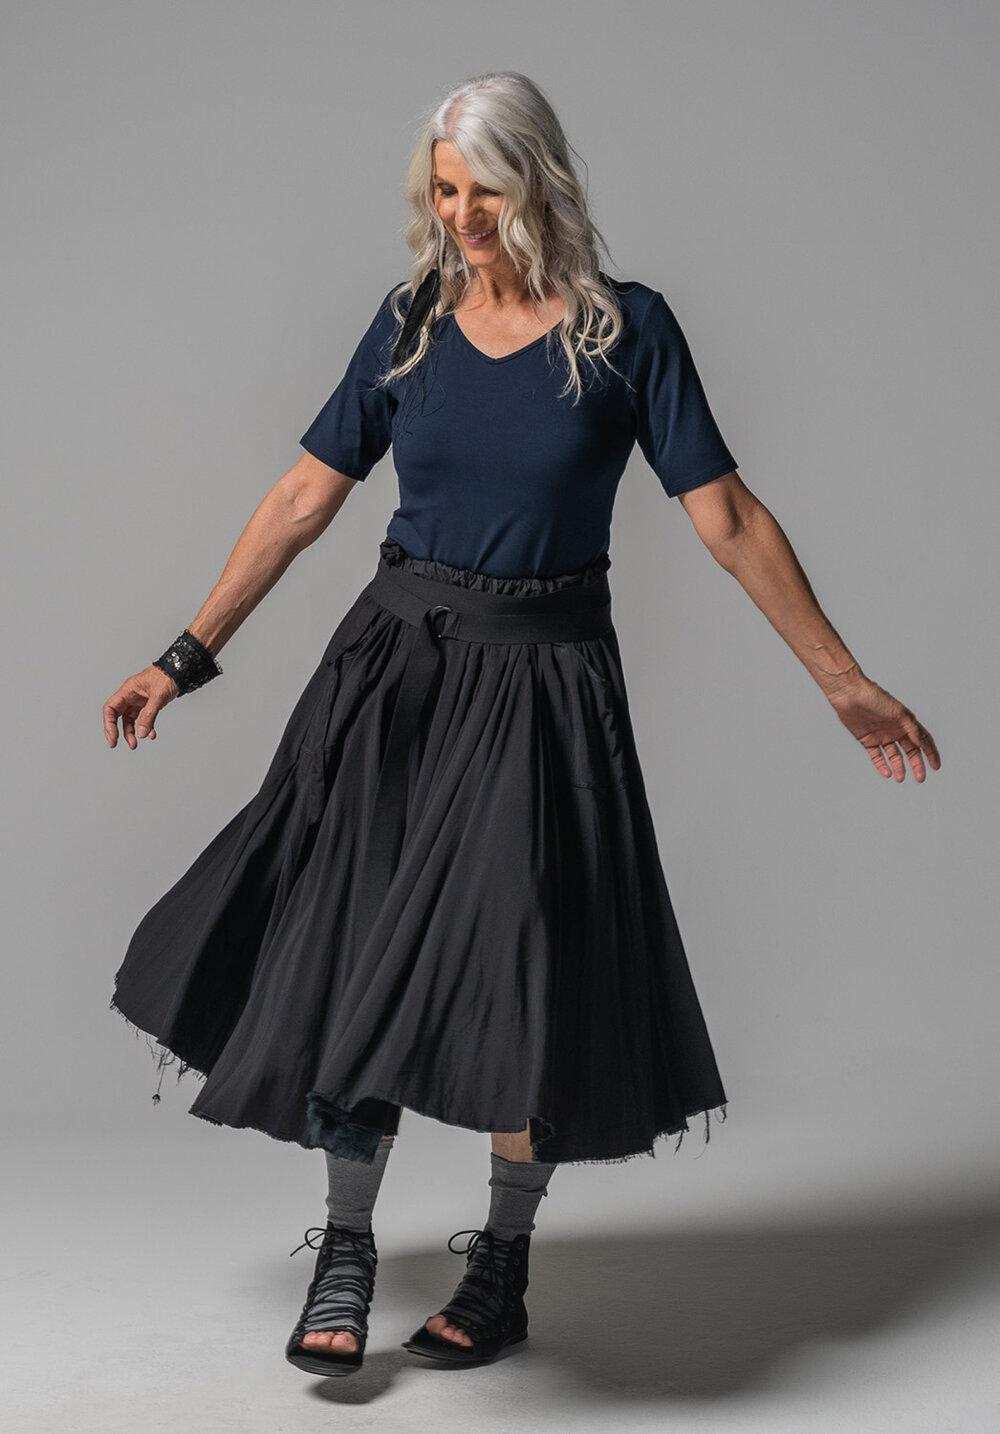 Viola tee, Elastic belt + Mist midi skirt